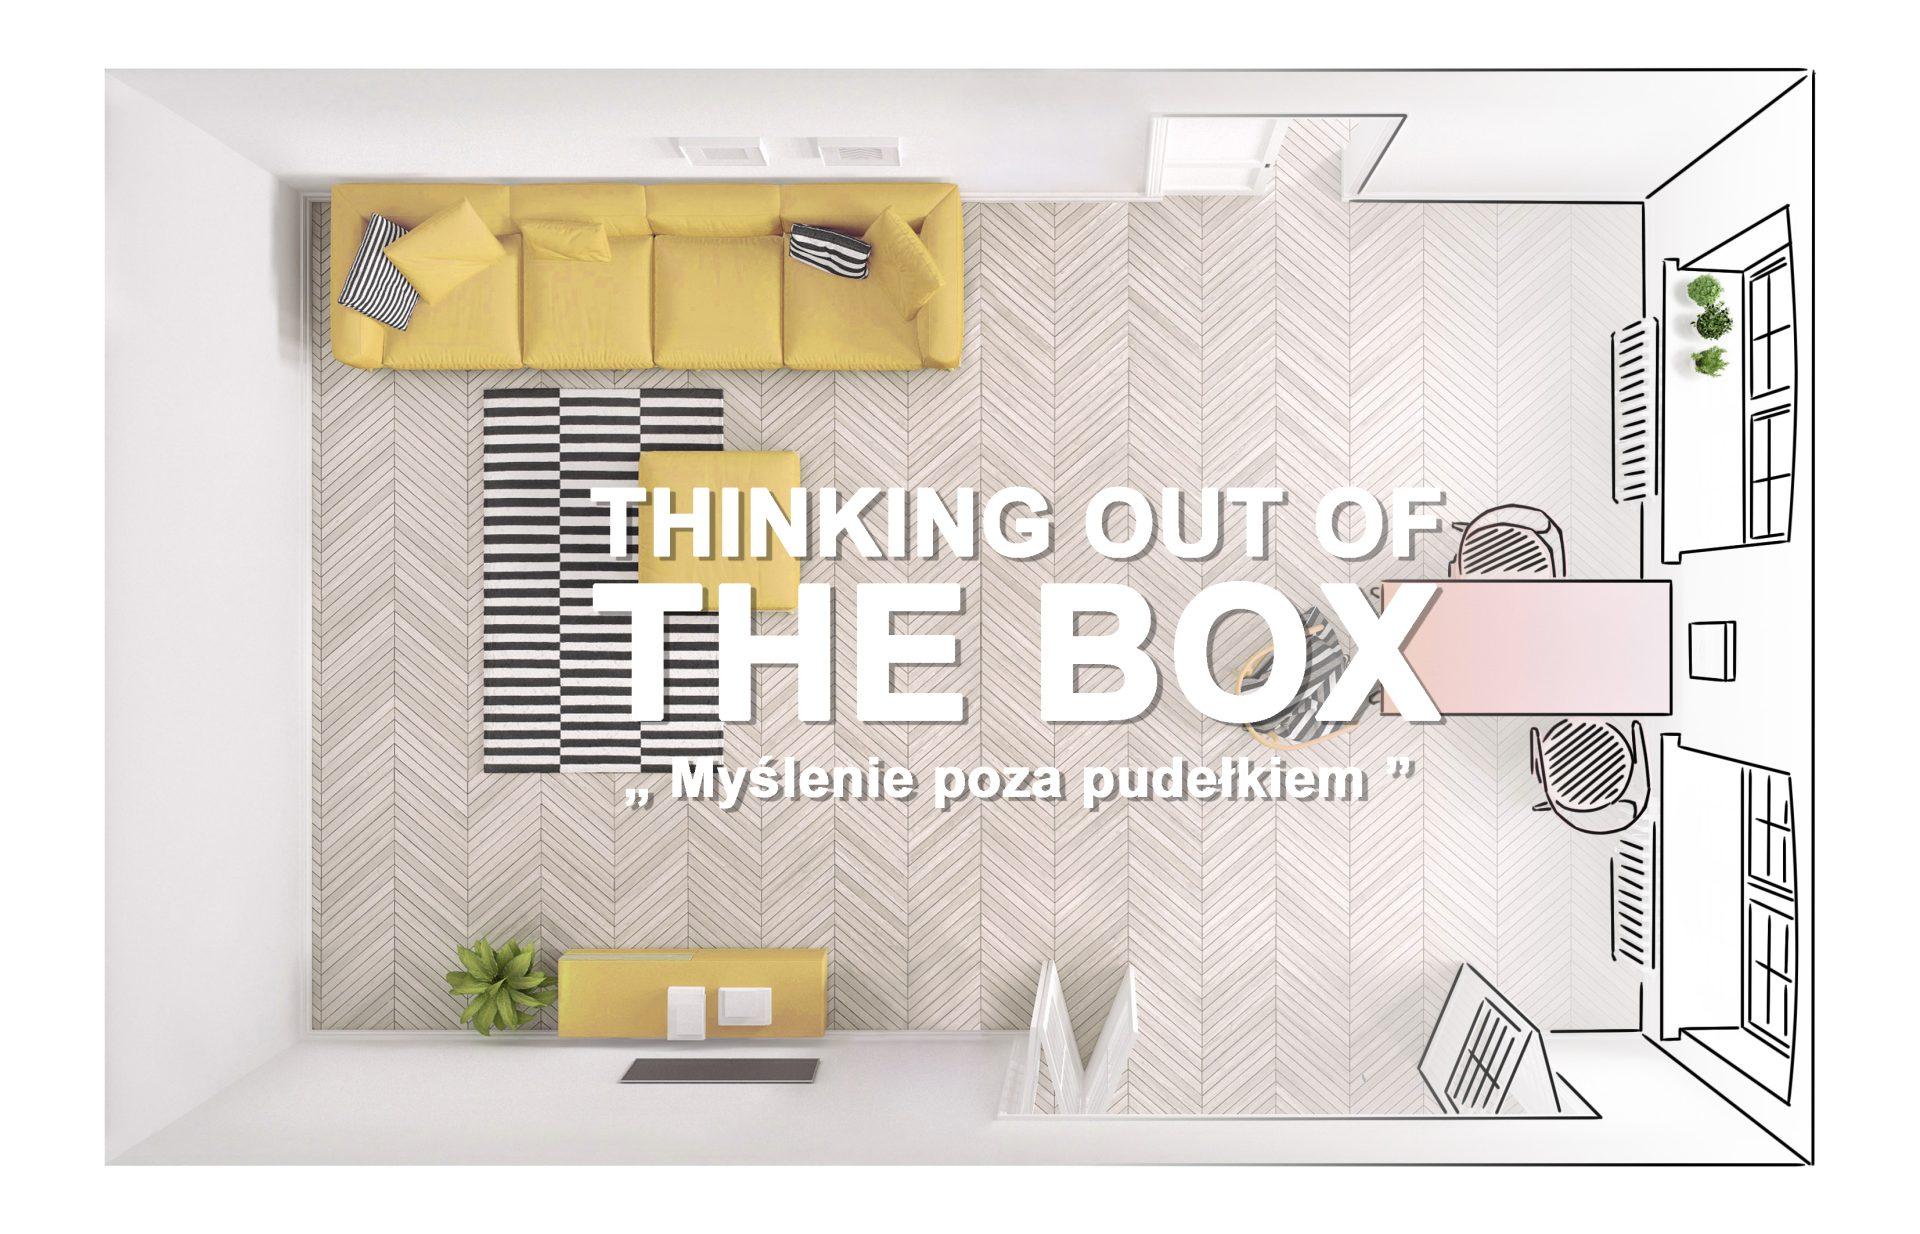 wychodzimy myśleniem poza pudełko